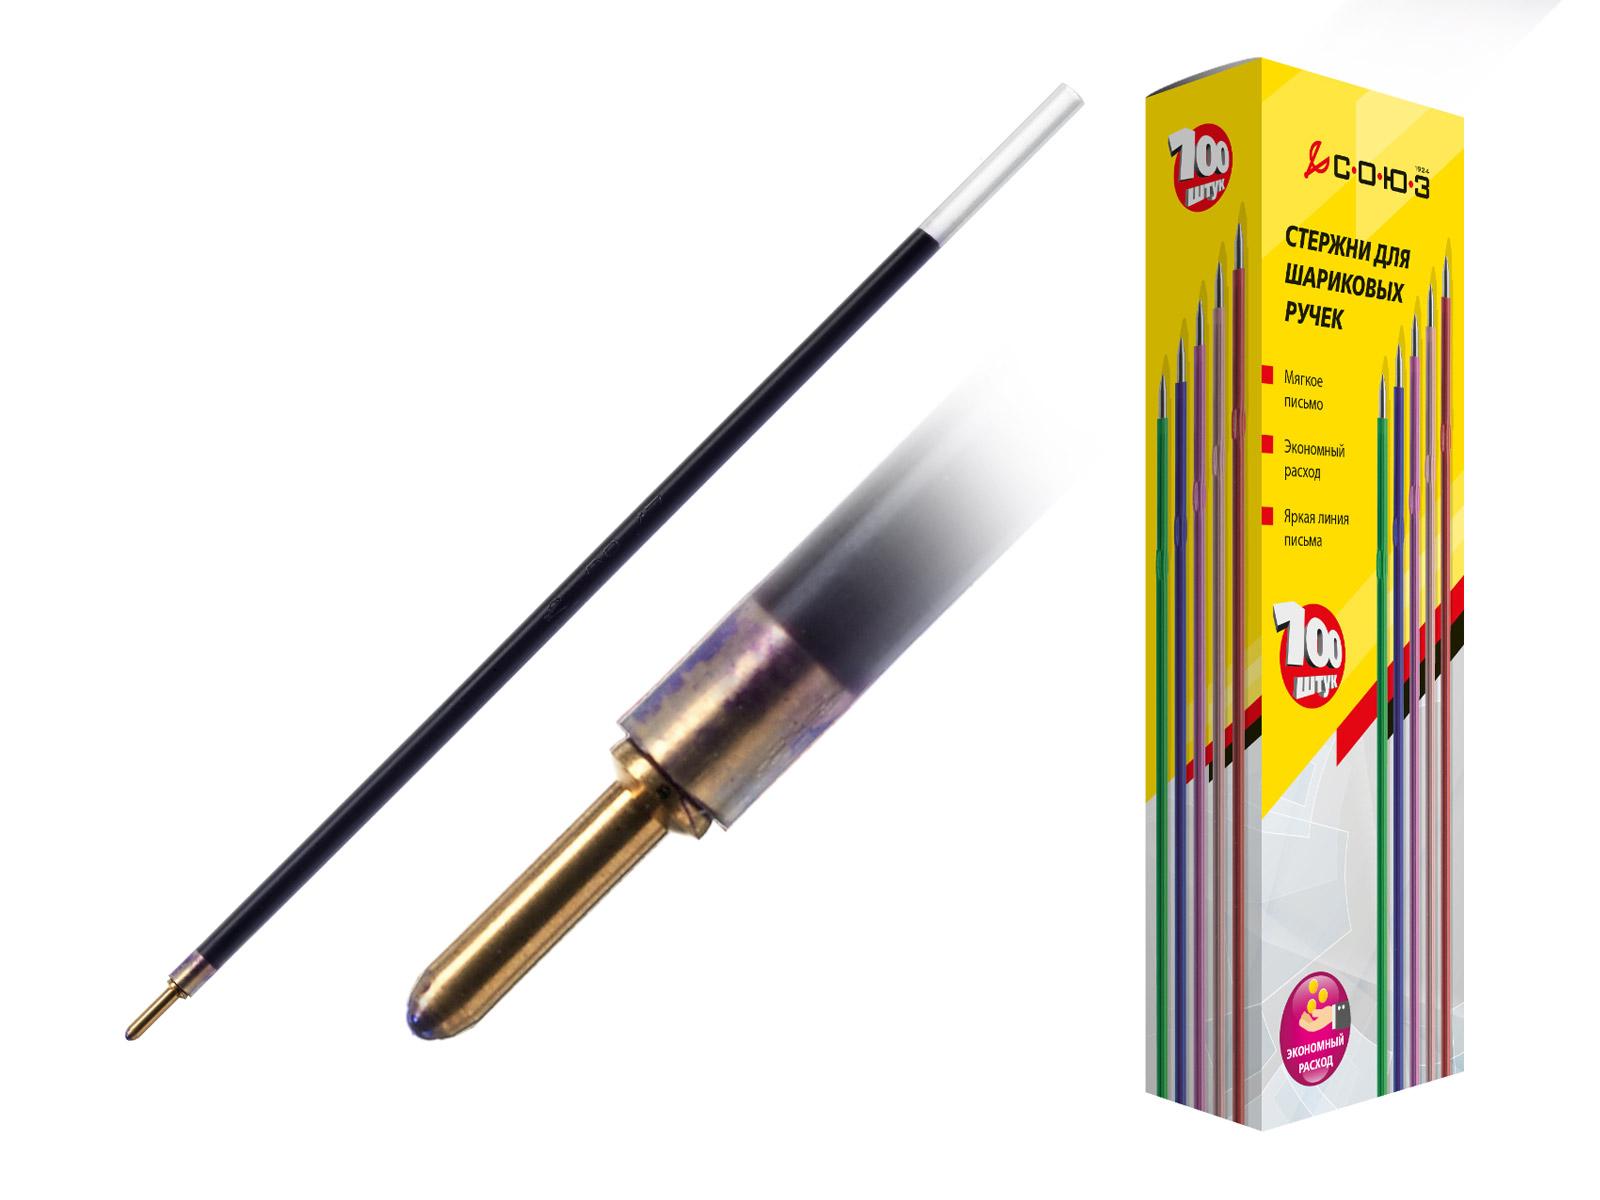 Стержни для шариковых ручек УП135(Х10)